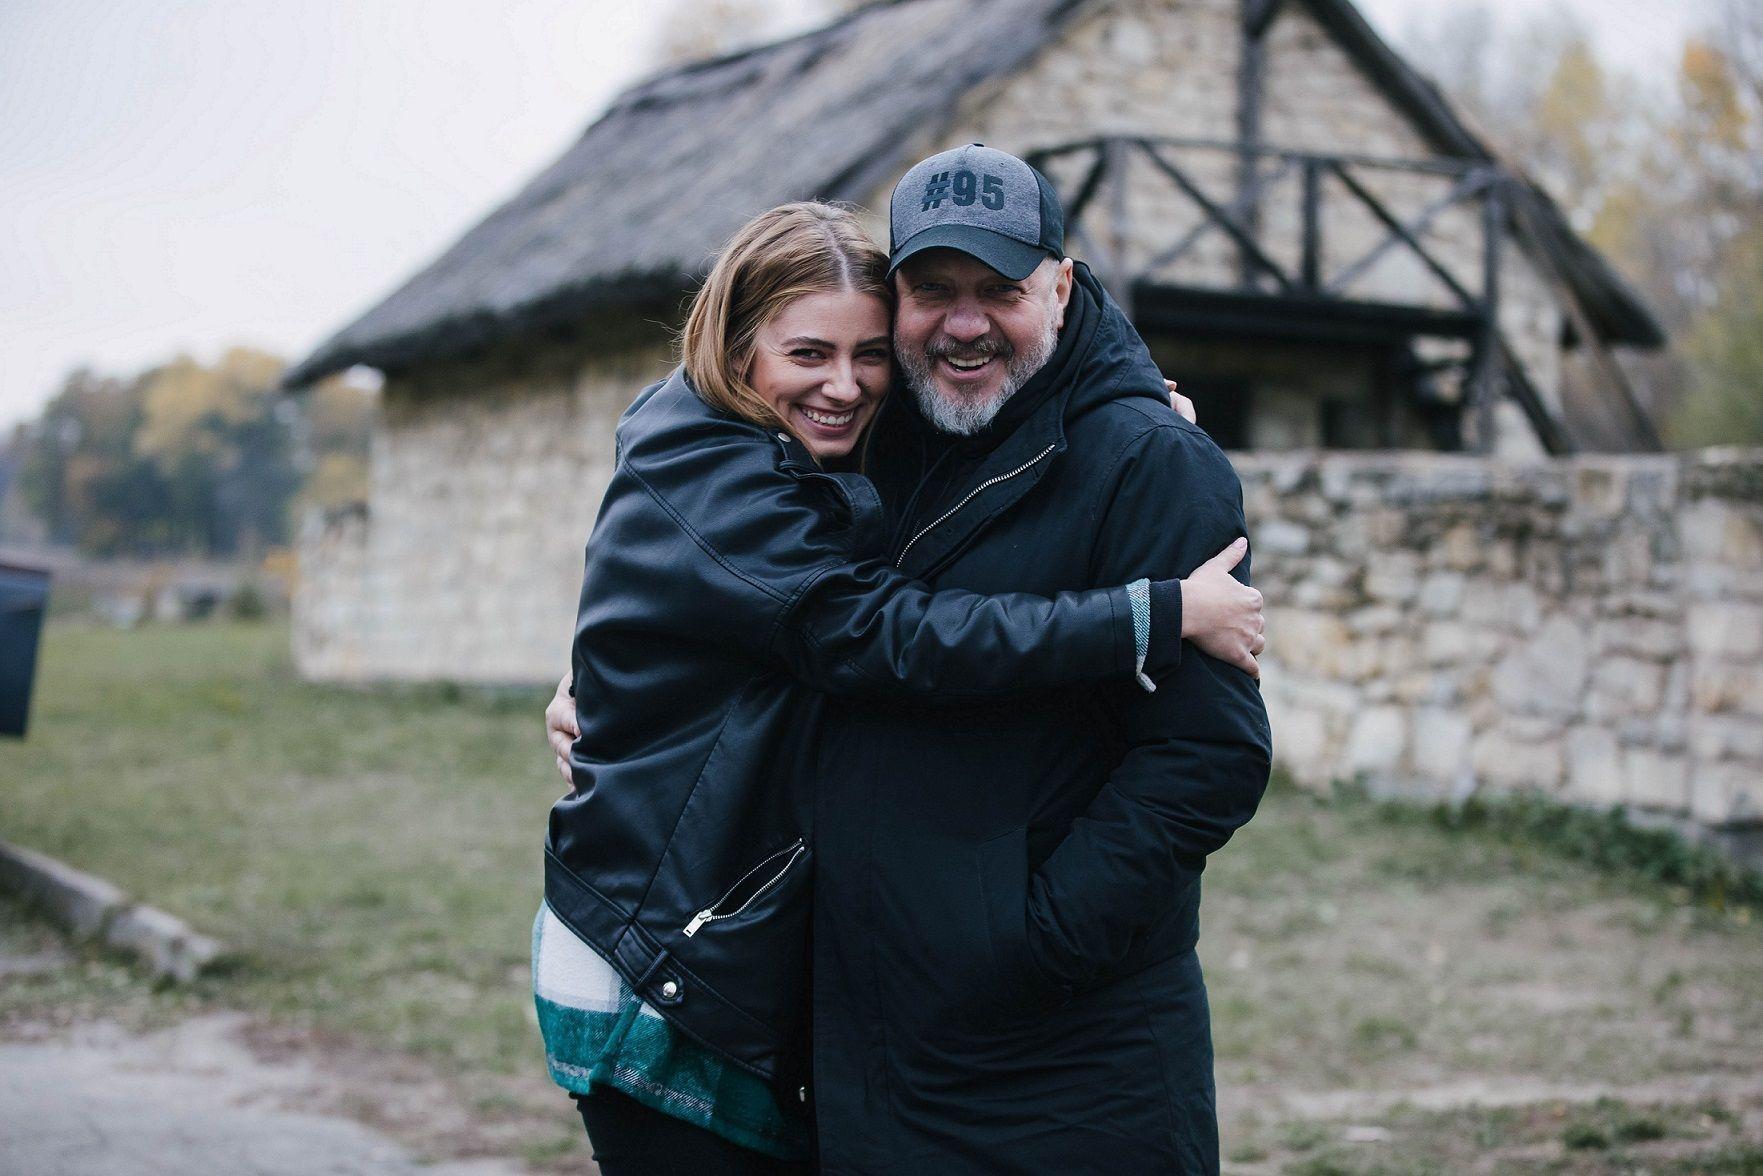 Андрей Яковлев и Дарья Петрожицкая на сьемках сериала.